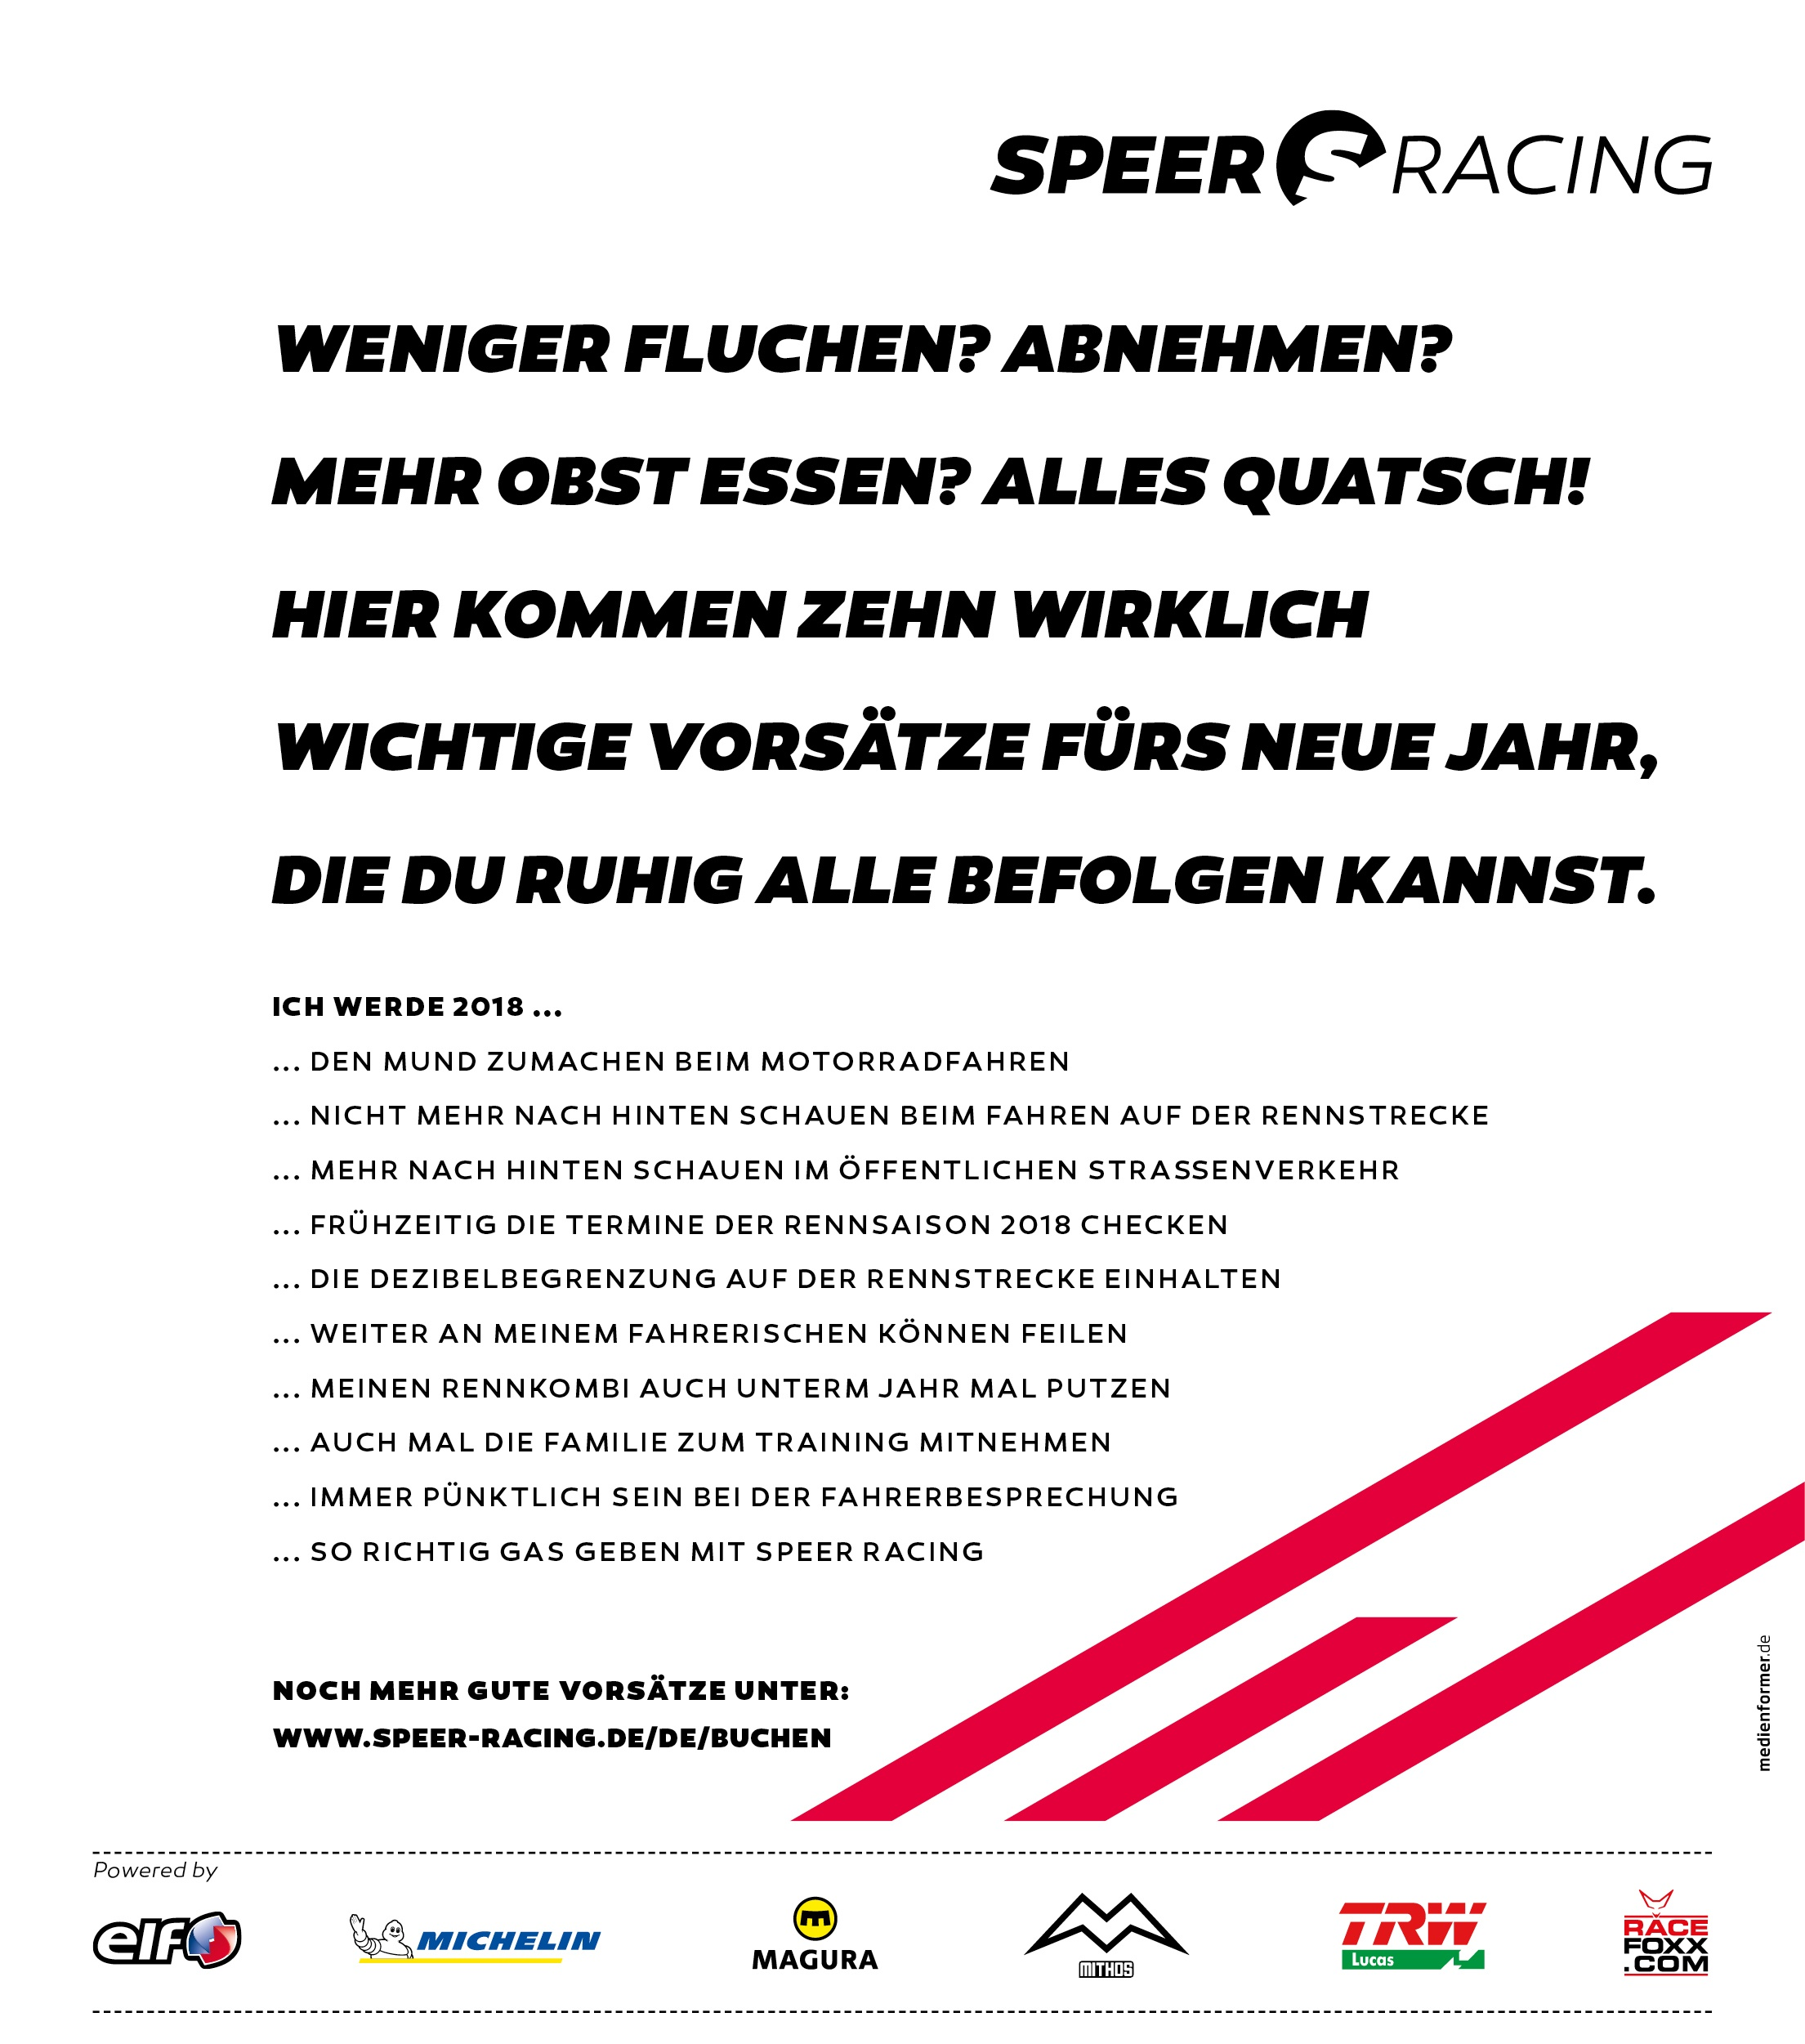 Speer Racing